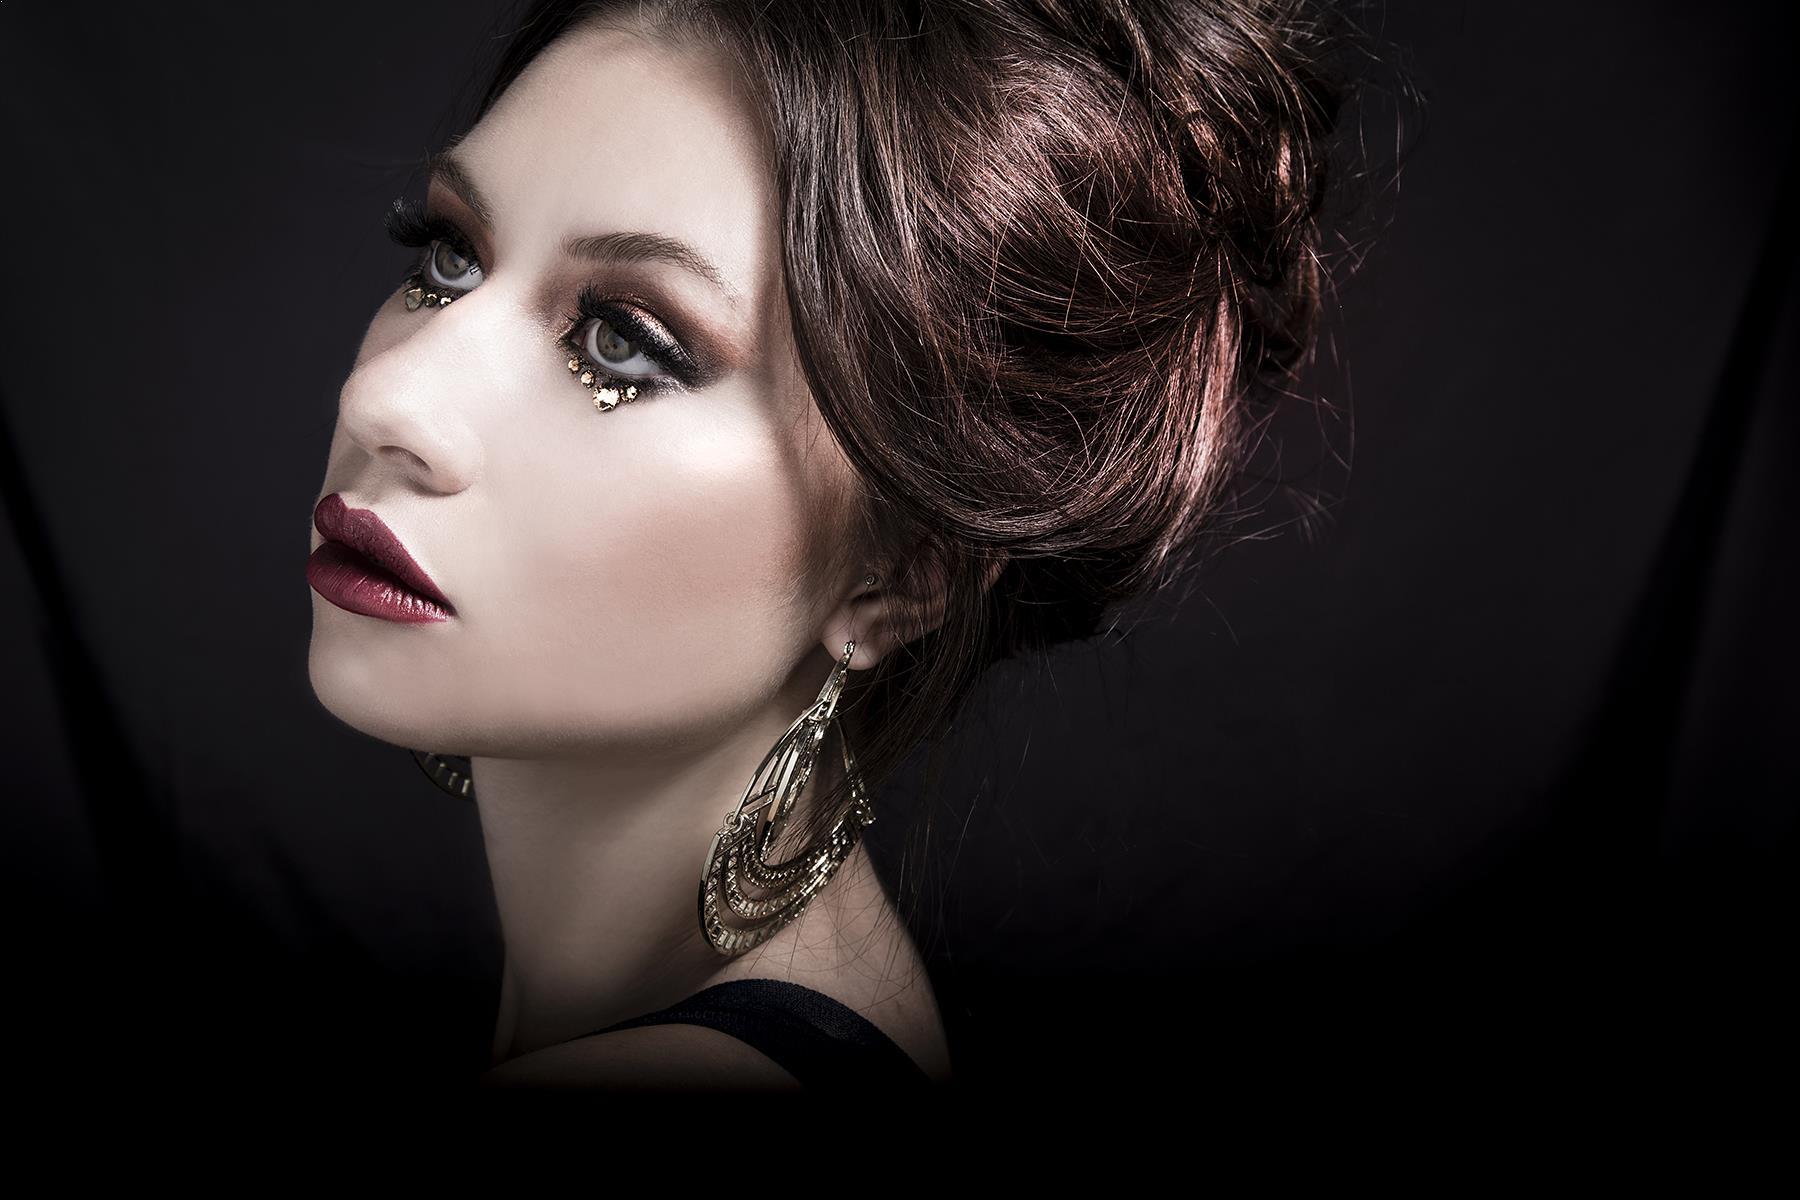 rianna-schuh-editorial-makeup-artist-07.jpg